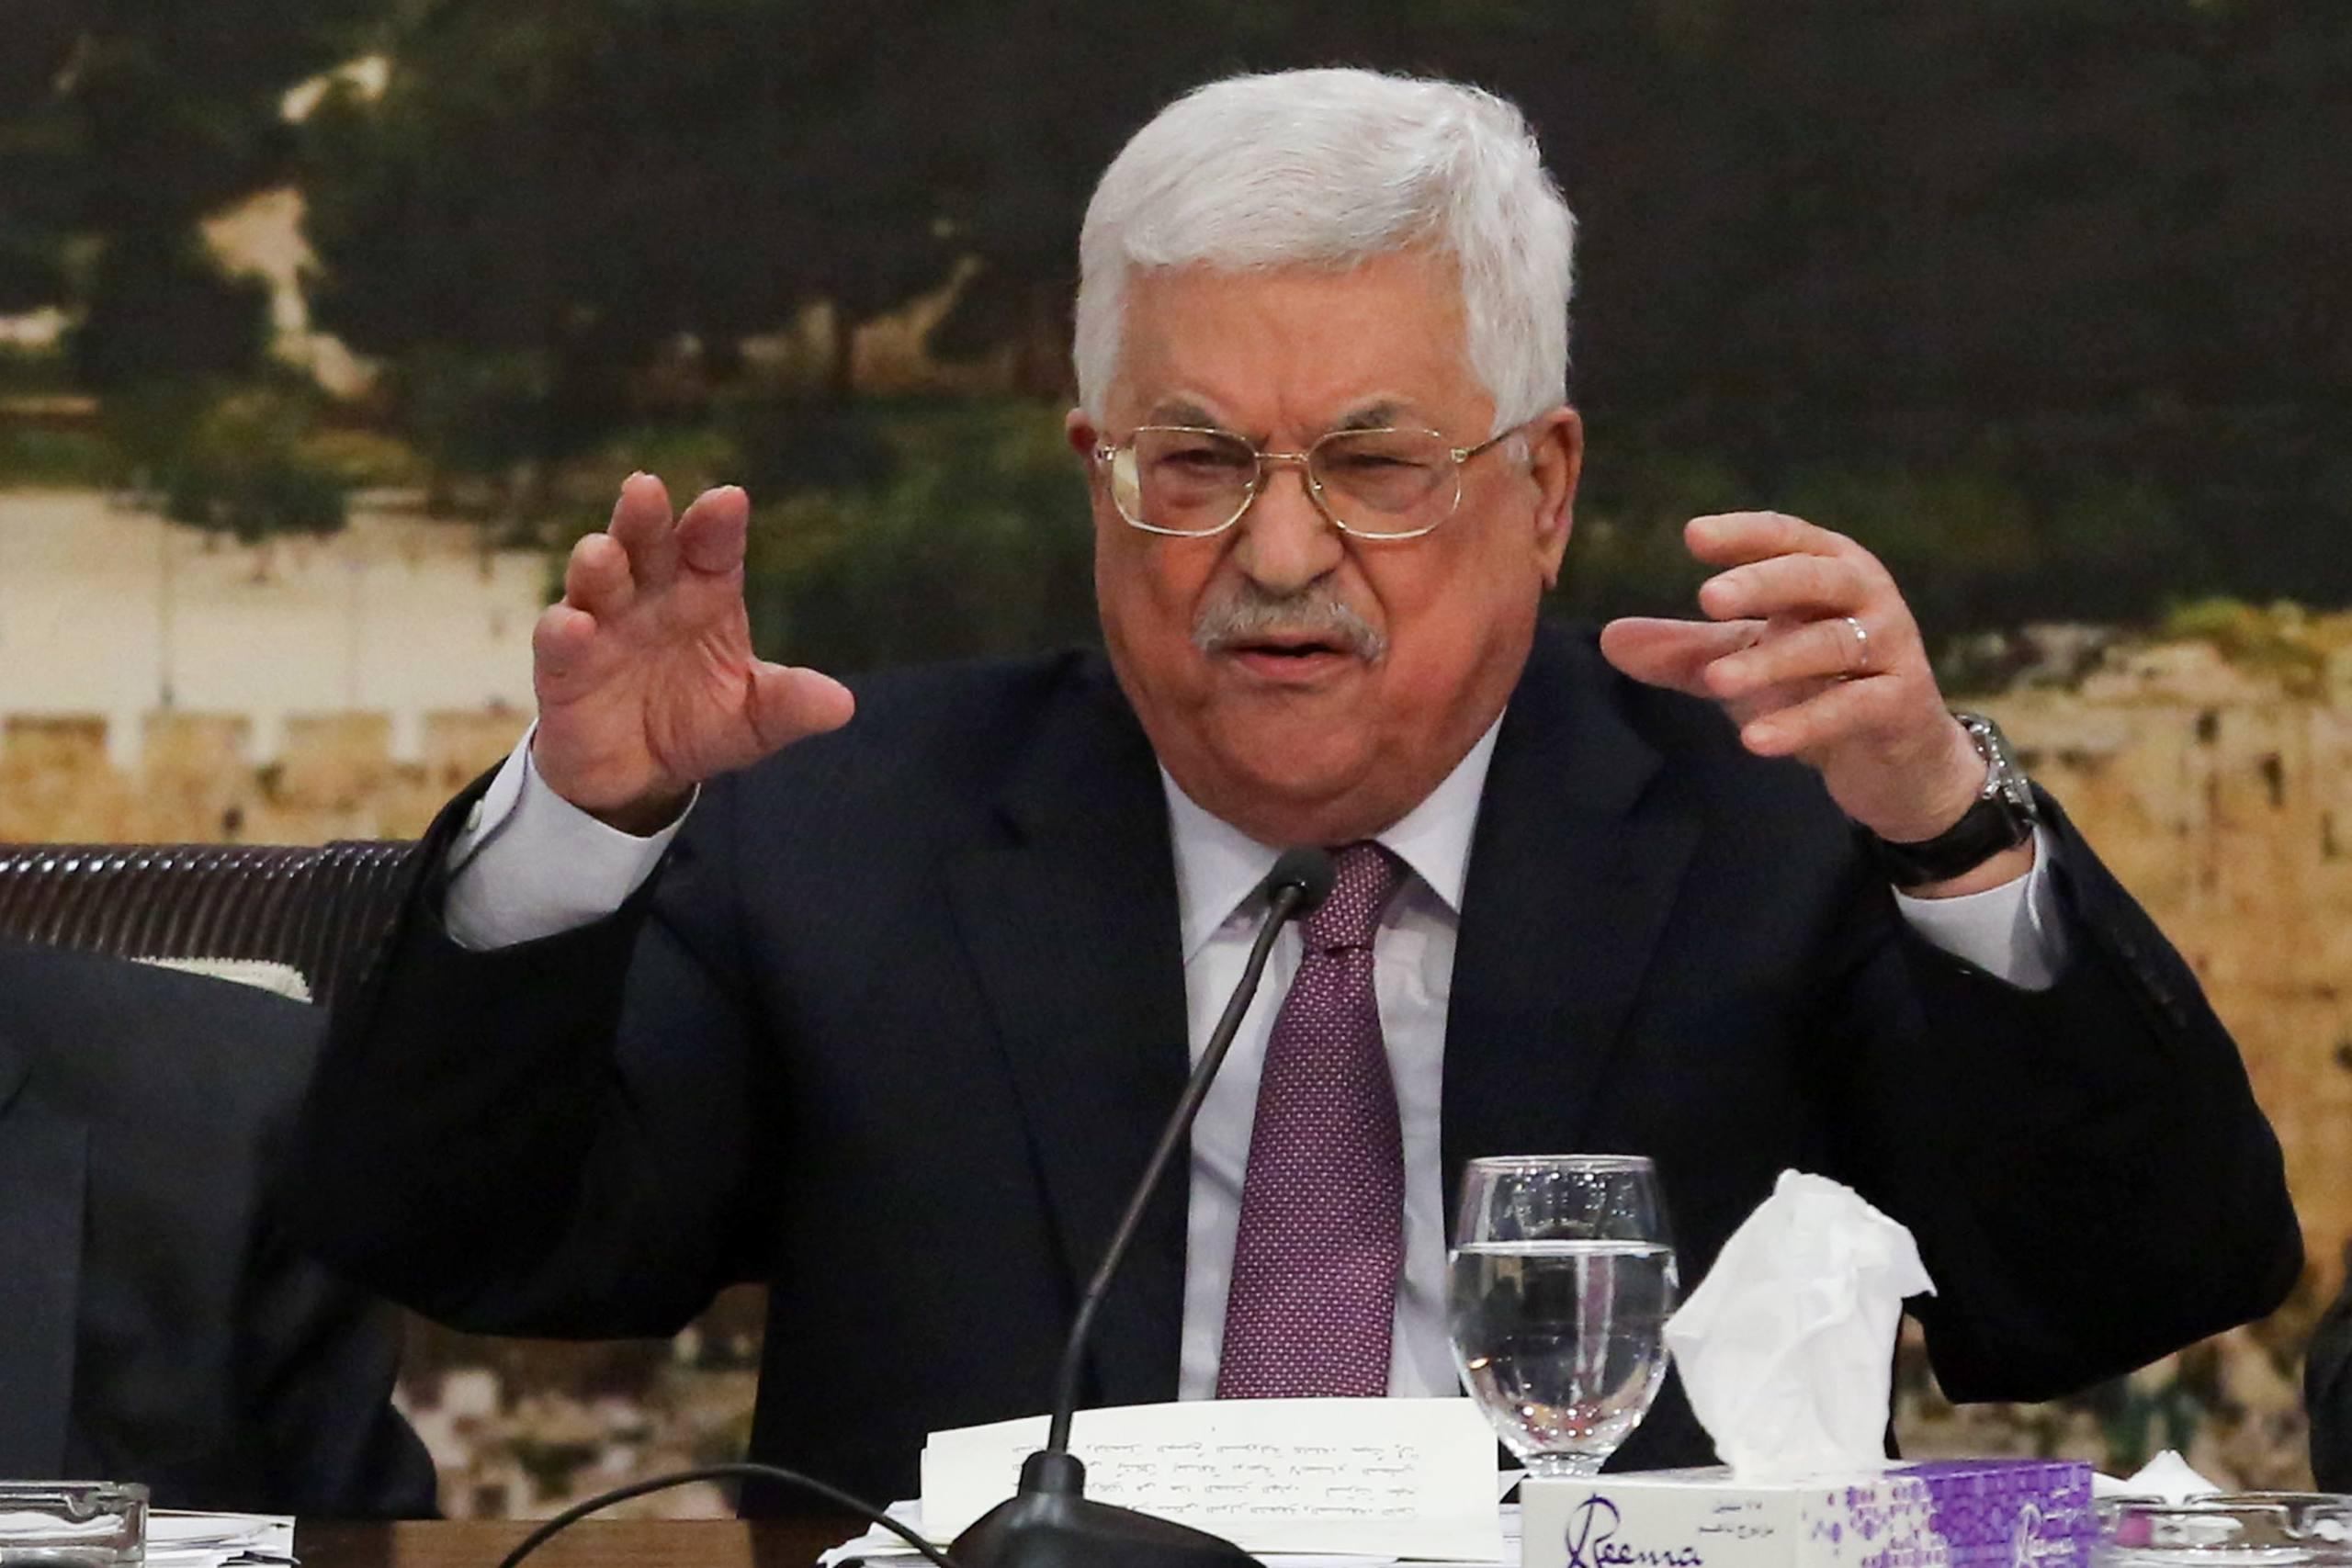 Palestinian President Mahmoud Abbas (Abu Mazen) speaks during a meeting with members of the Central Committee in the West Bank city of Ramallah on January 14, 2018. Photo by Flash90 *** Local Caption *** øîàììä îçîåã òáàñ àáå îàæï